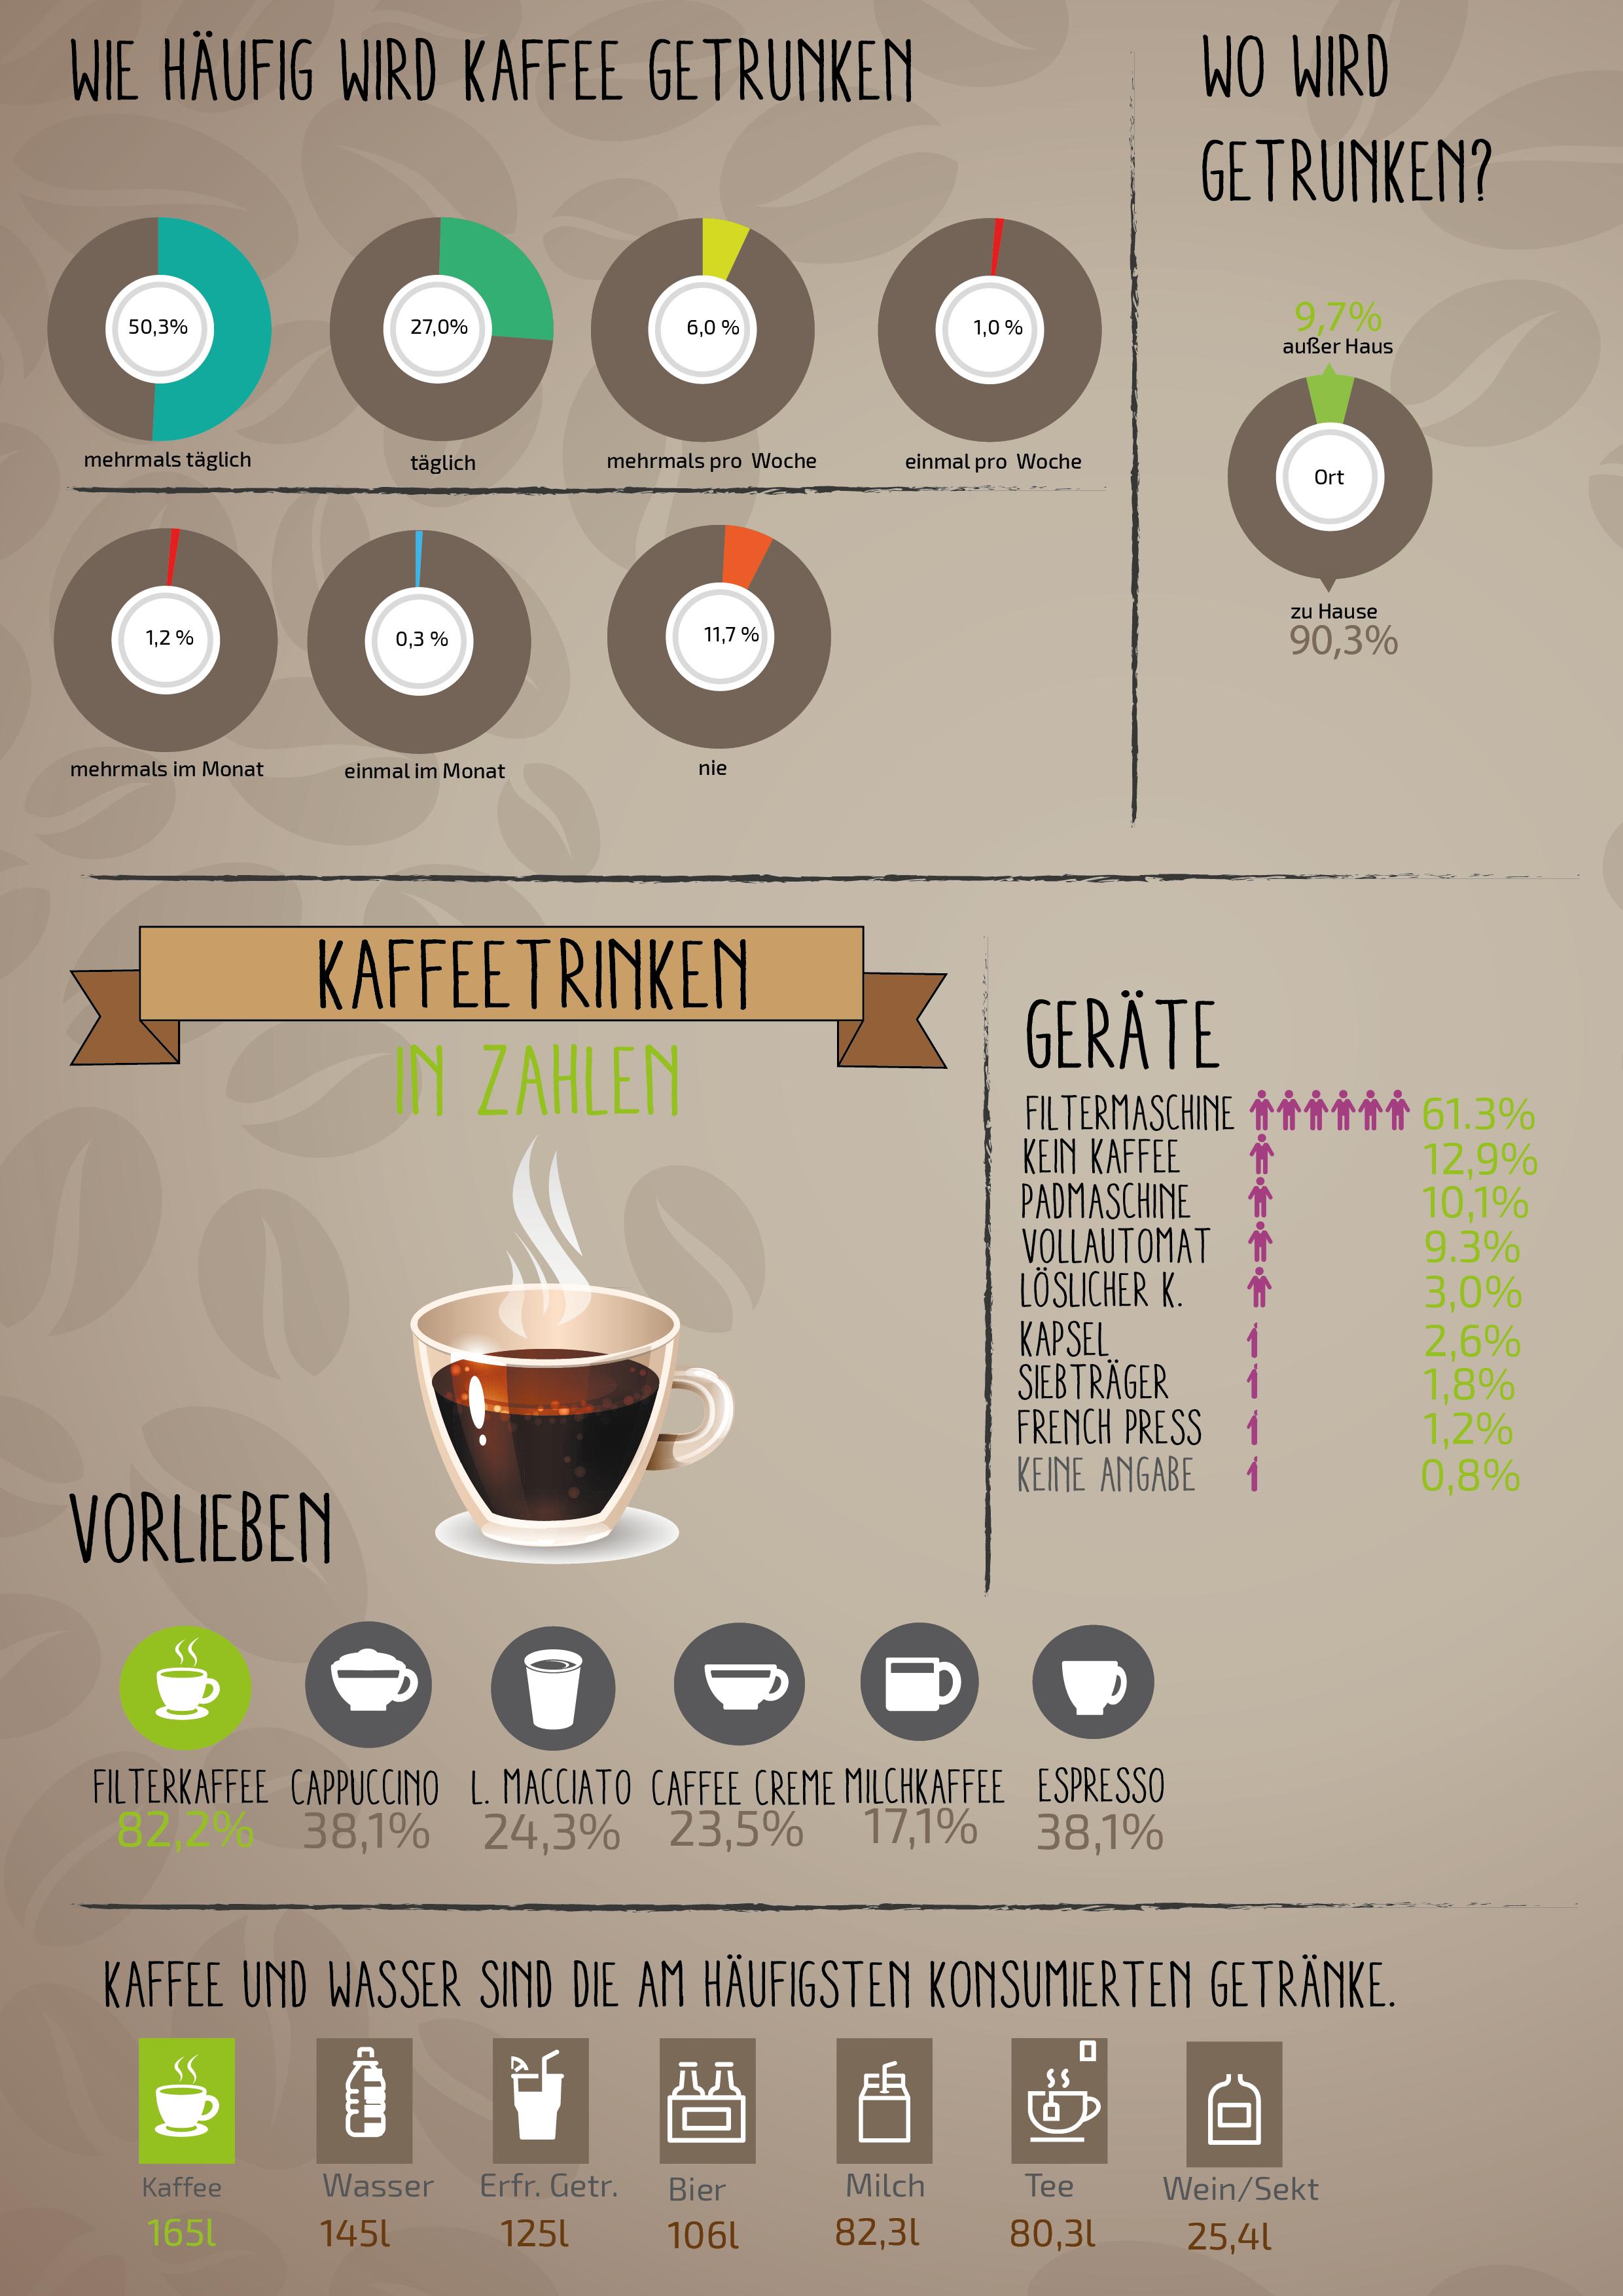 Kaffeereport - Kaffee in Zahlen